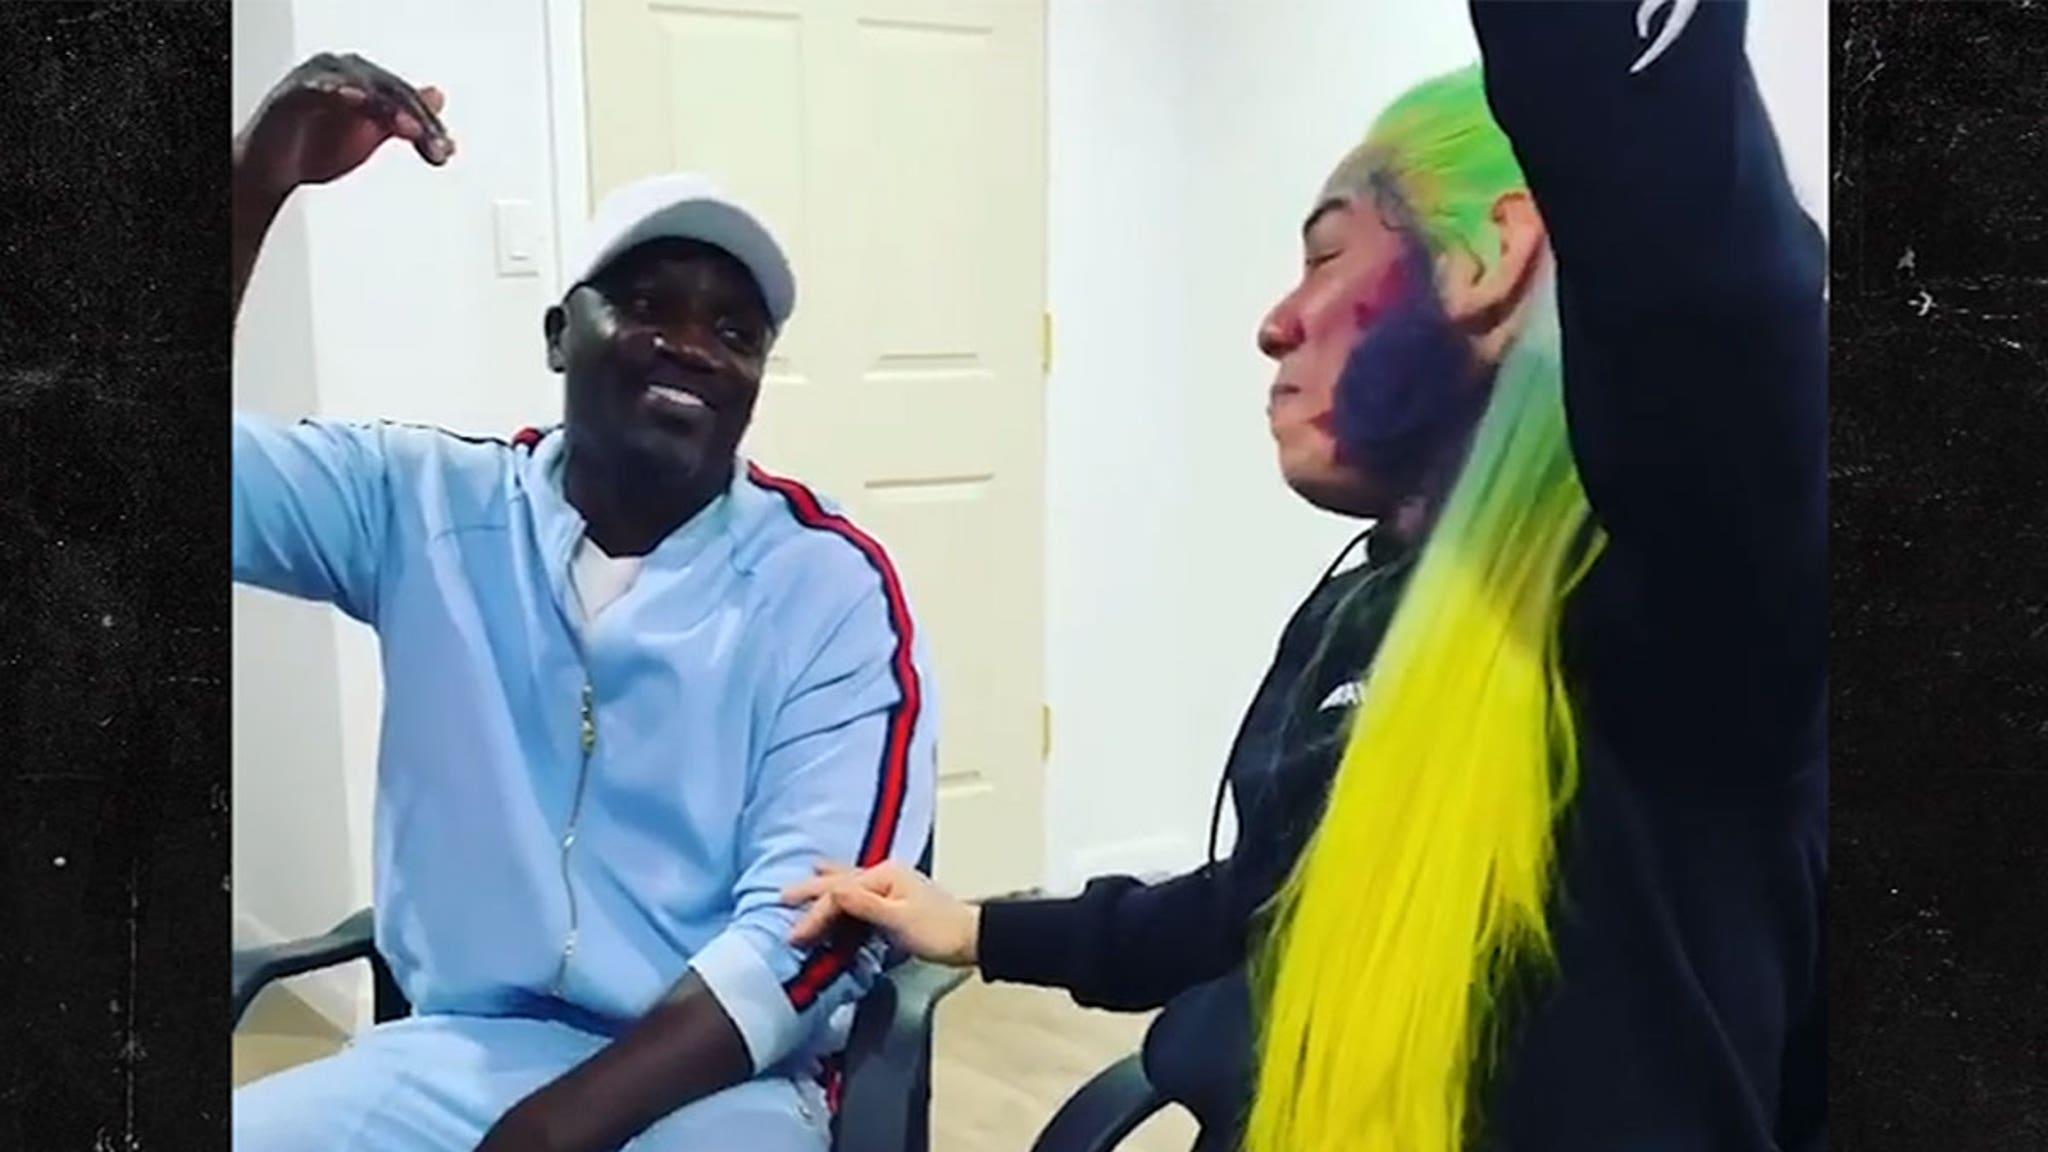 Tekashi 6ix9ine Links Up with Akon for 'Locked Up' Part 2 - TMZ